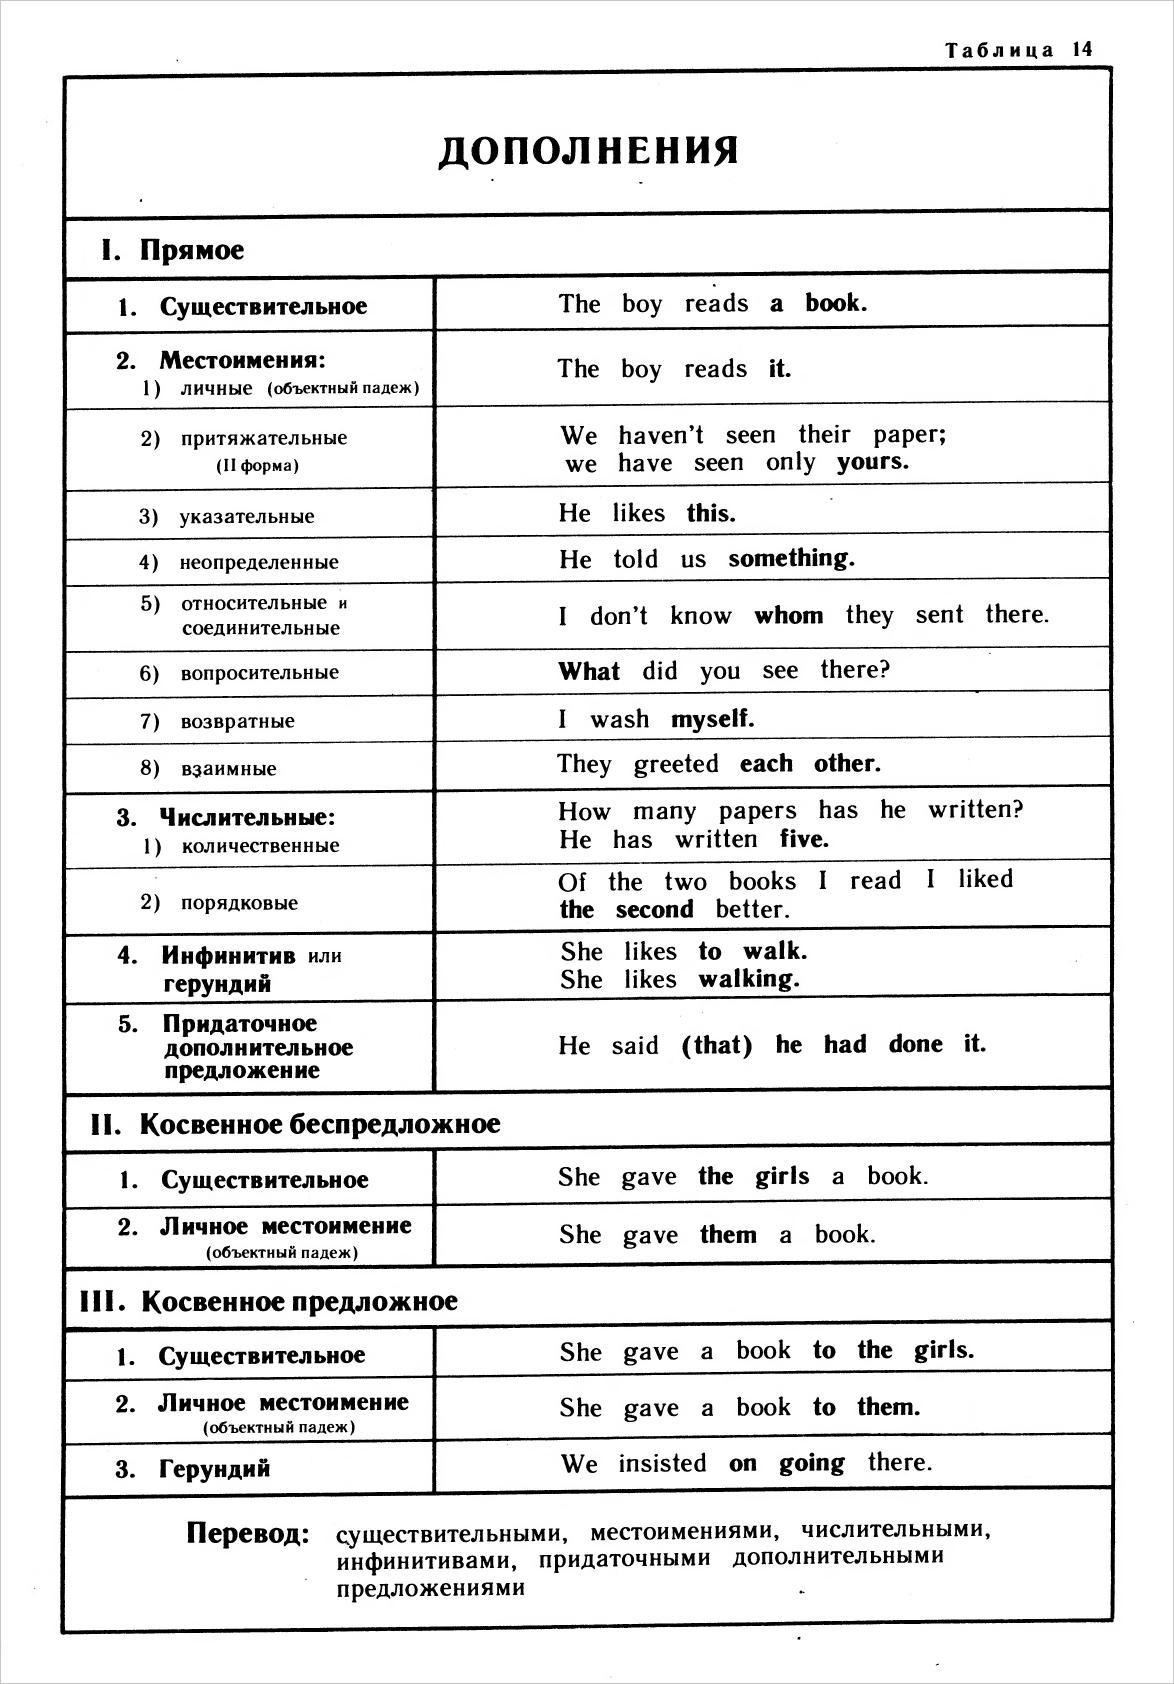 дополнение в английском языке